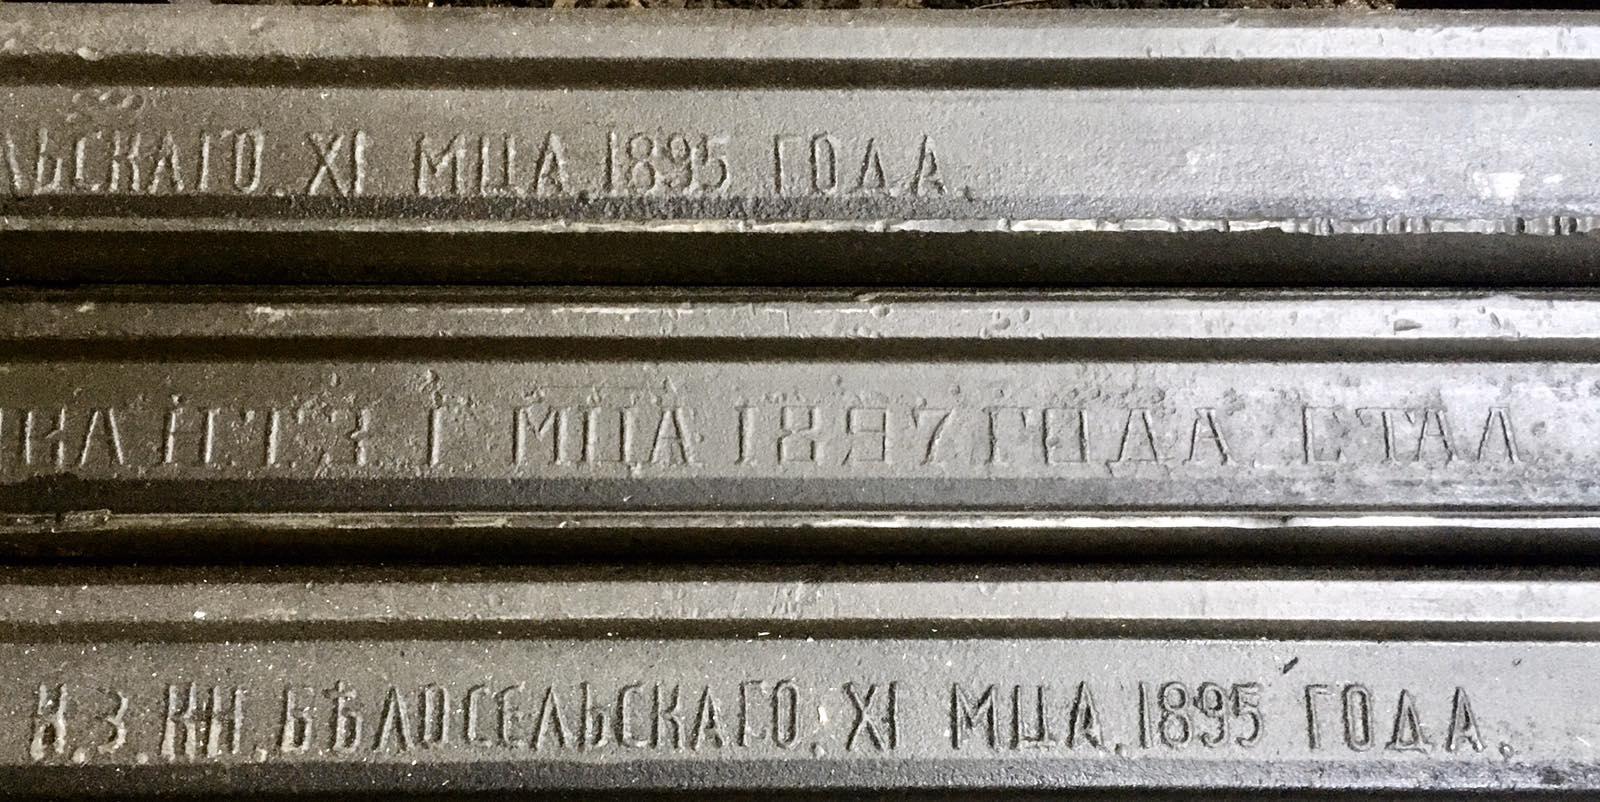 Во время реставрации в Каринторфе обнаружили старинные рельсы 19 века